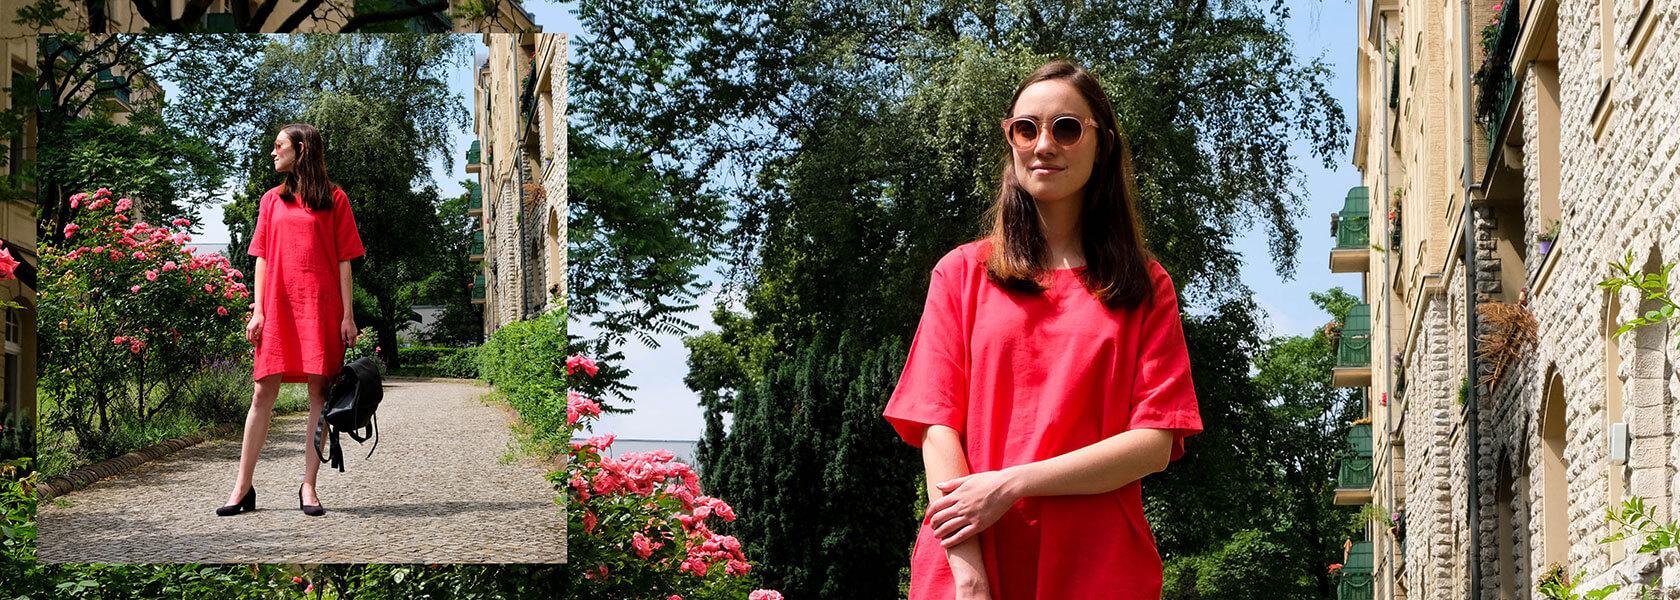 Frau graues Shirt und hält Sonnenbrille in der hand